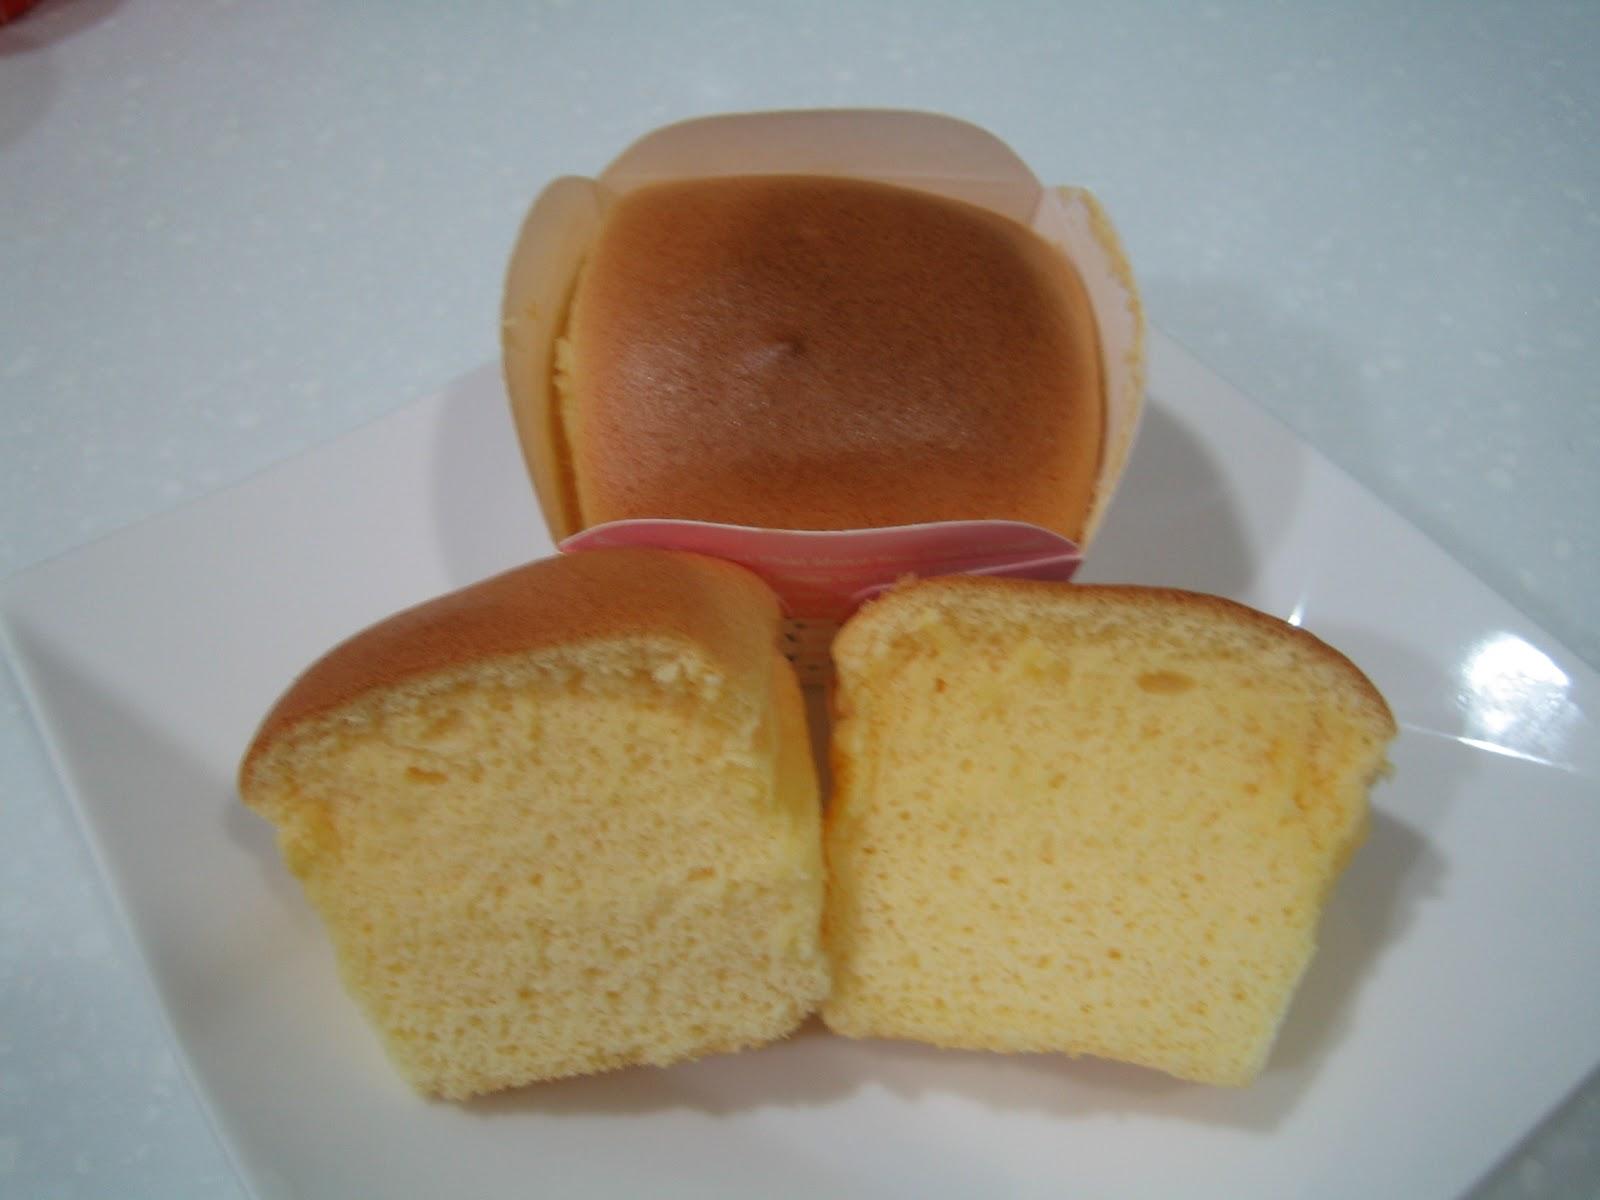 快樂來自於分享: 黃金戚風杯子蛋糕